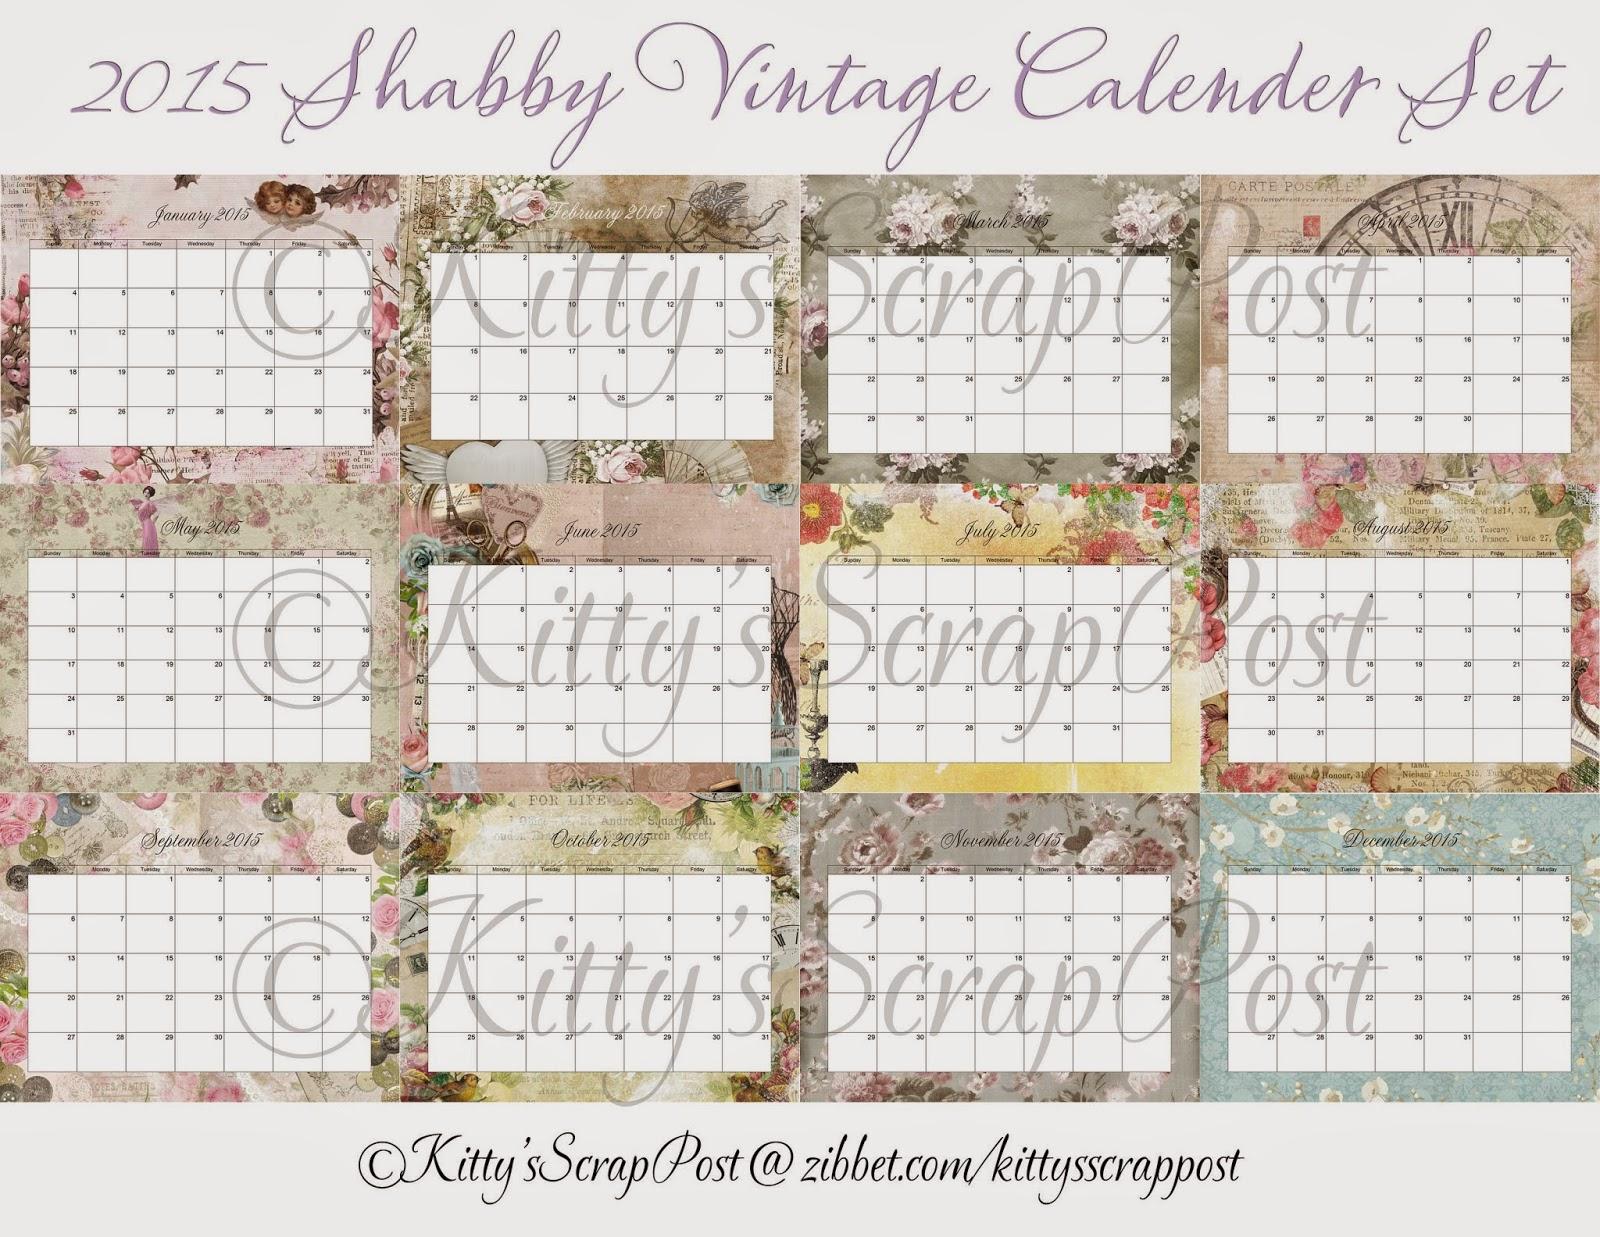 https://www.zibbet.com/kittysscrappost/2015-shabby-vintage-calendar-set